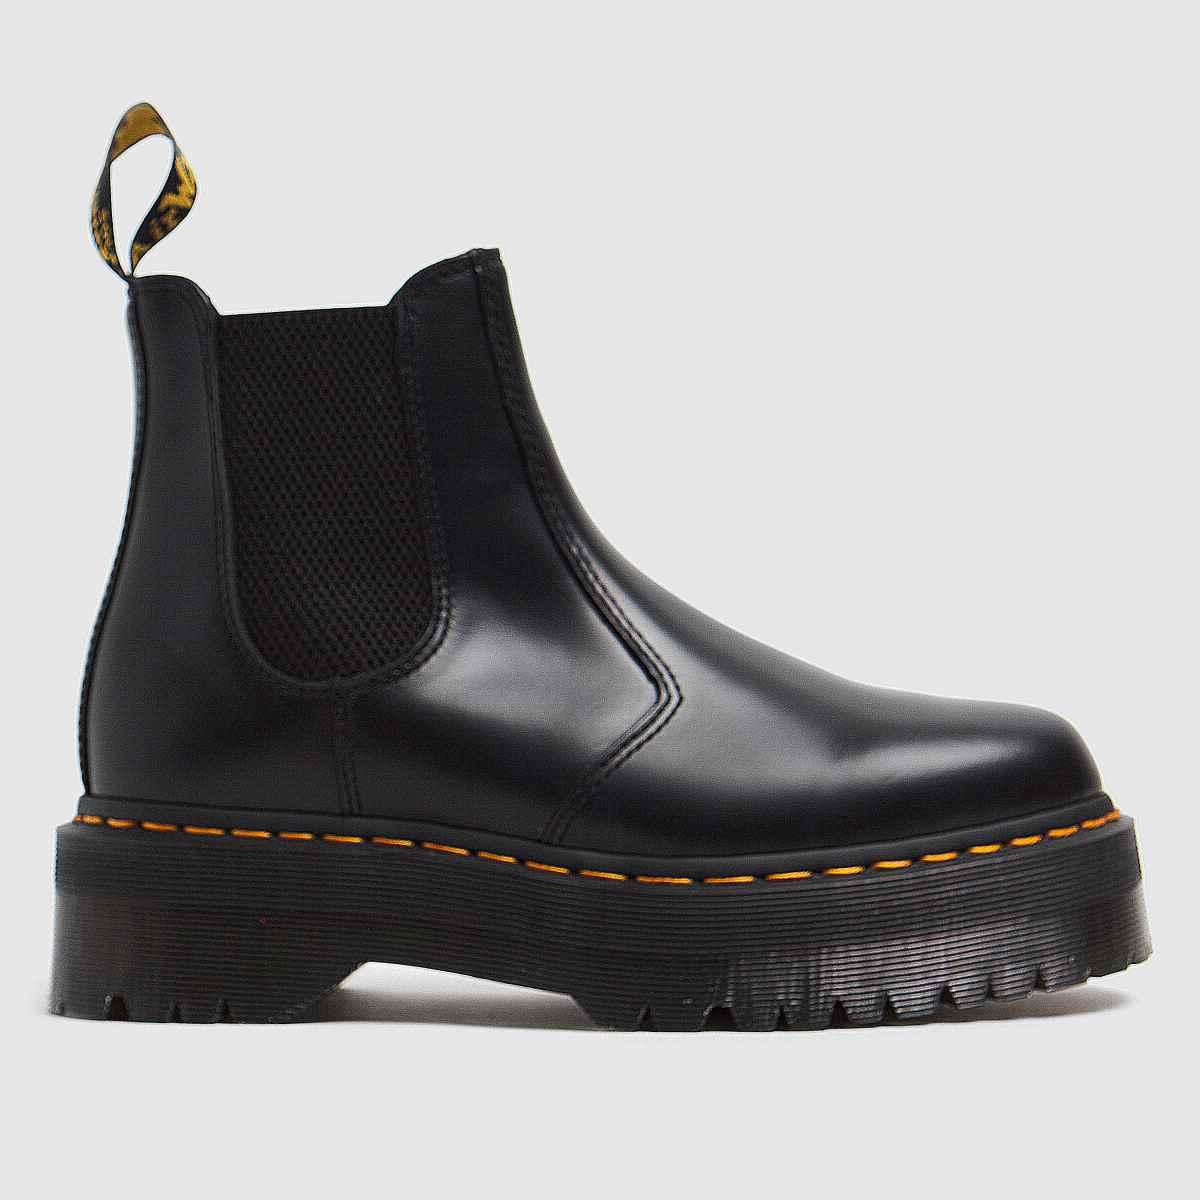 Dr Martens Black 2976 Quad Chelsea Boots